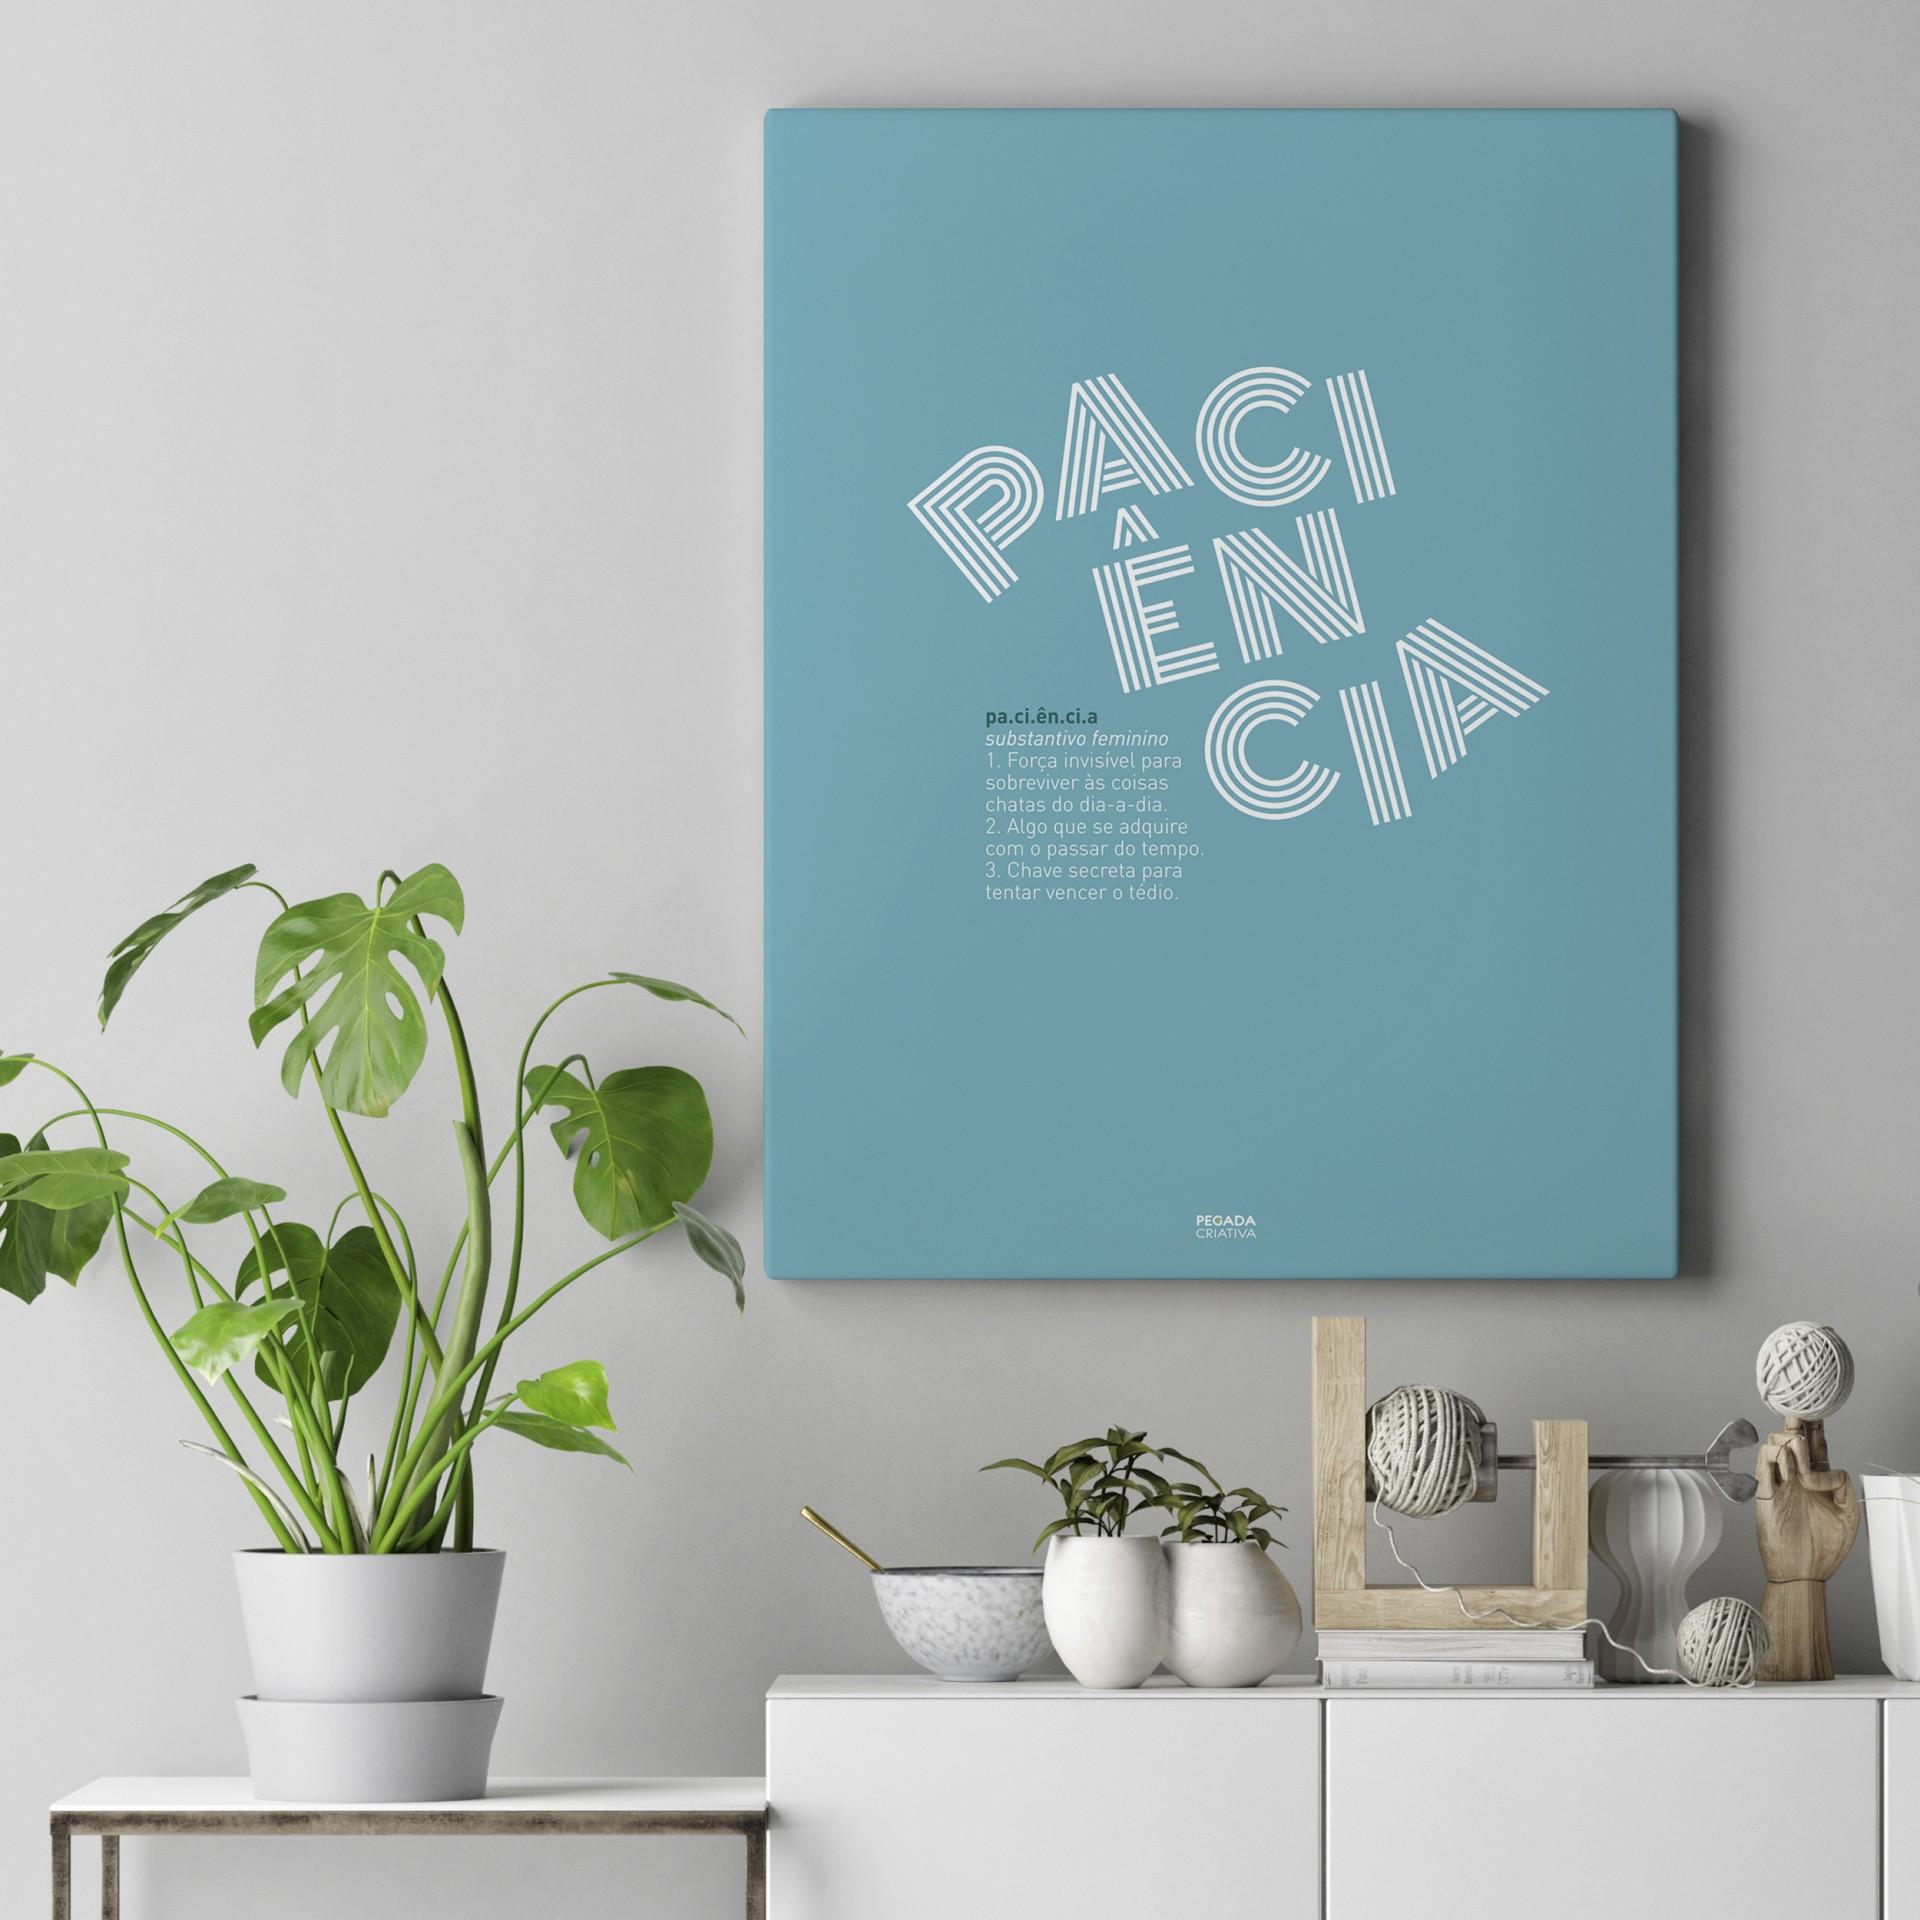 Poster Paciência